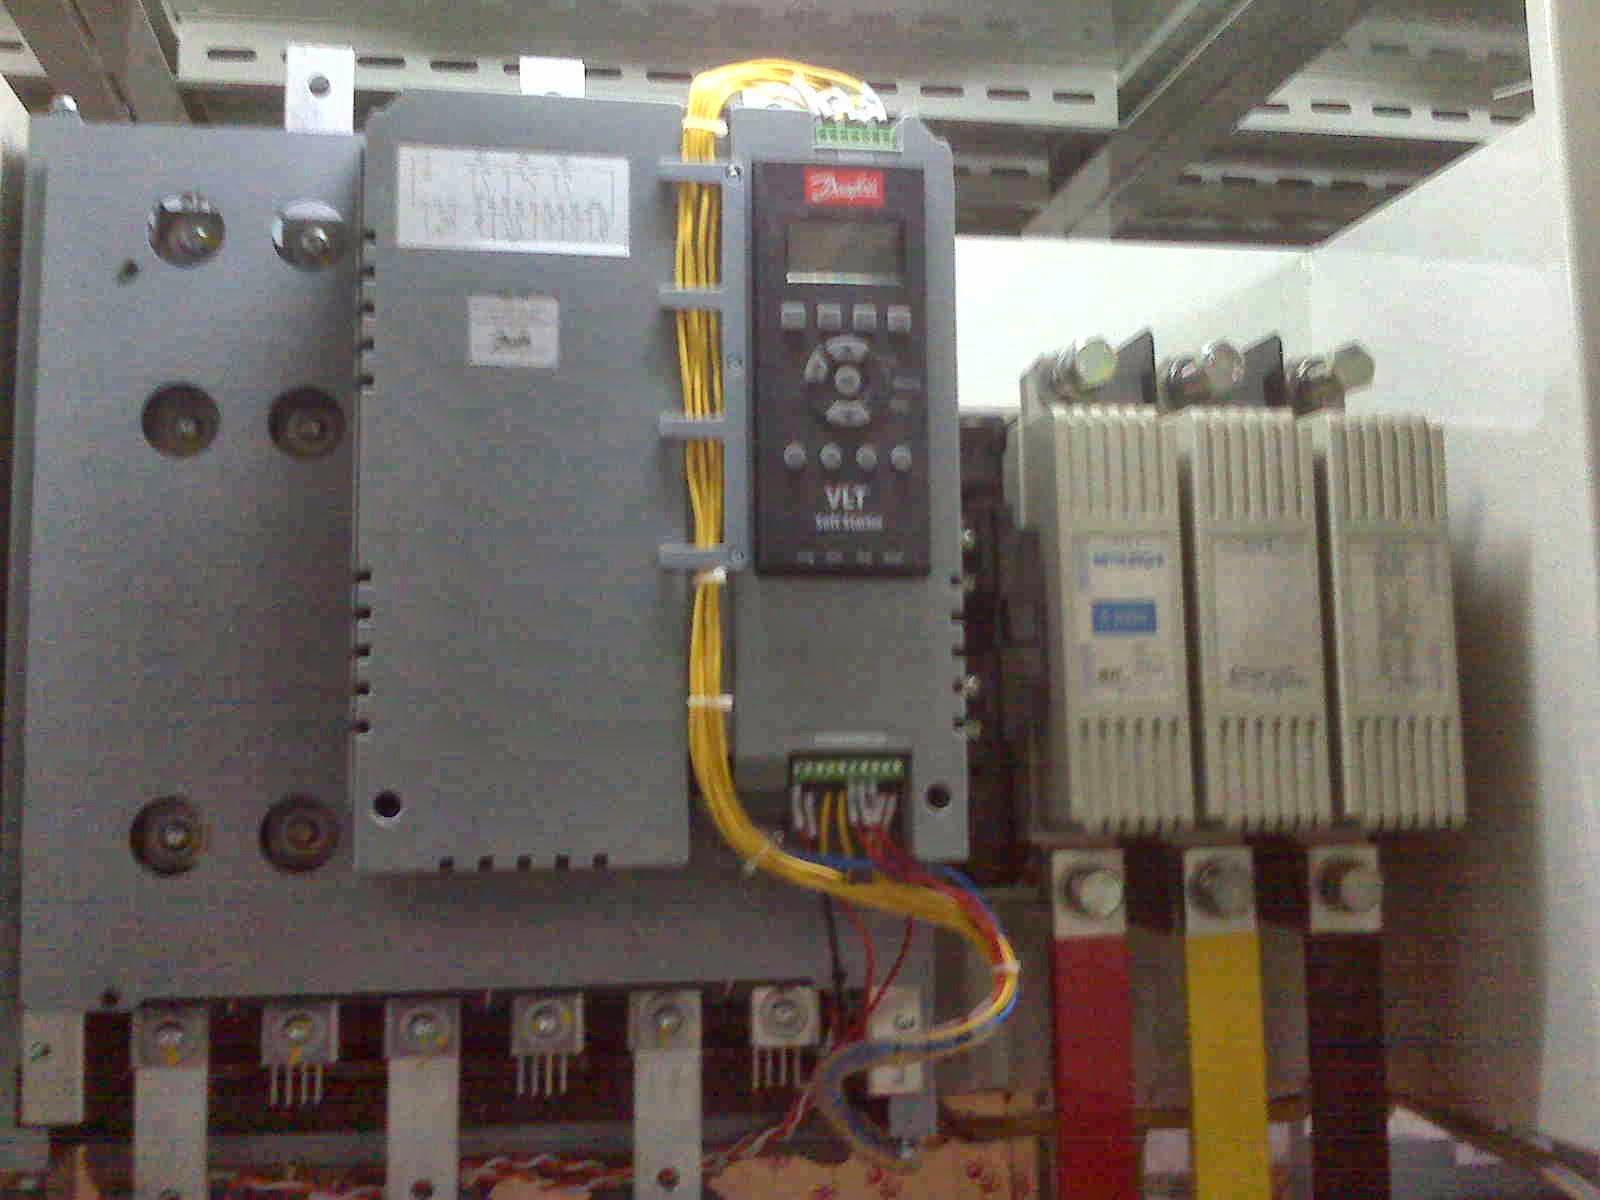 belajar assembling panel listrik type jenis panel listrik rh deniasep925 blogspot com Gardu Listrik Tanda Untuk Panel Listrik